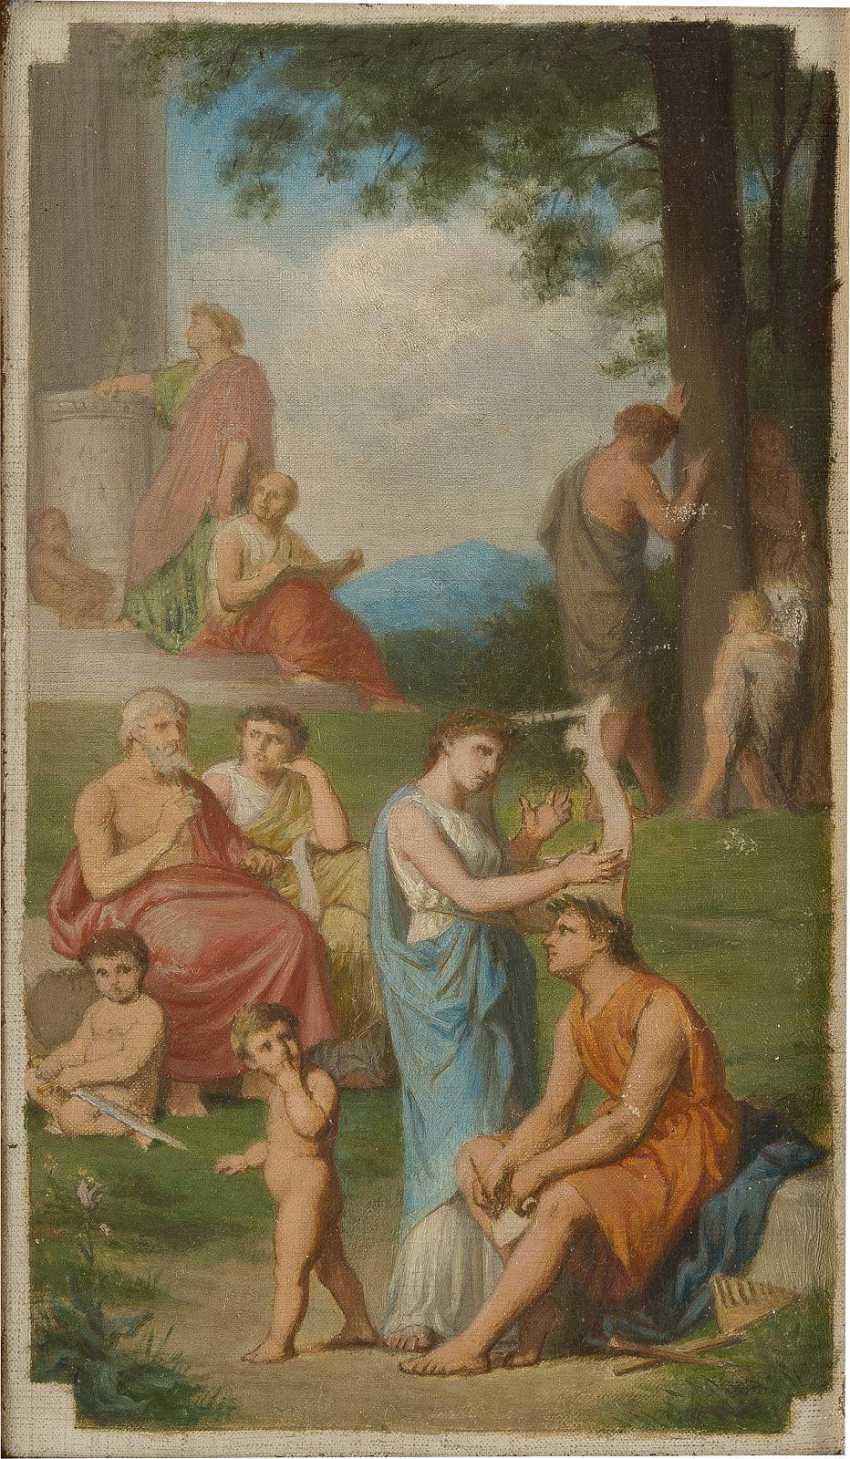 FRANZÖSISCHER MEISTER Tätig um 1900 Zwei klassizistische Kompositionen: Müßiggang in antiken Parklandschaften - photo 1